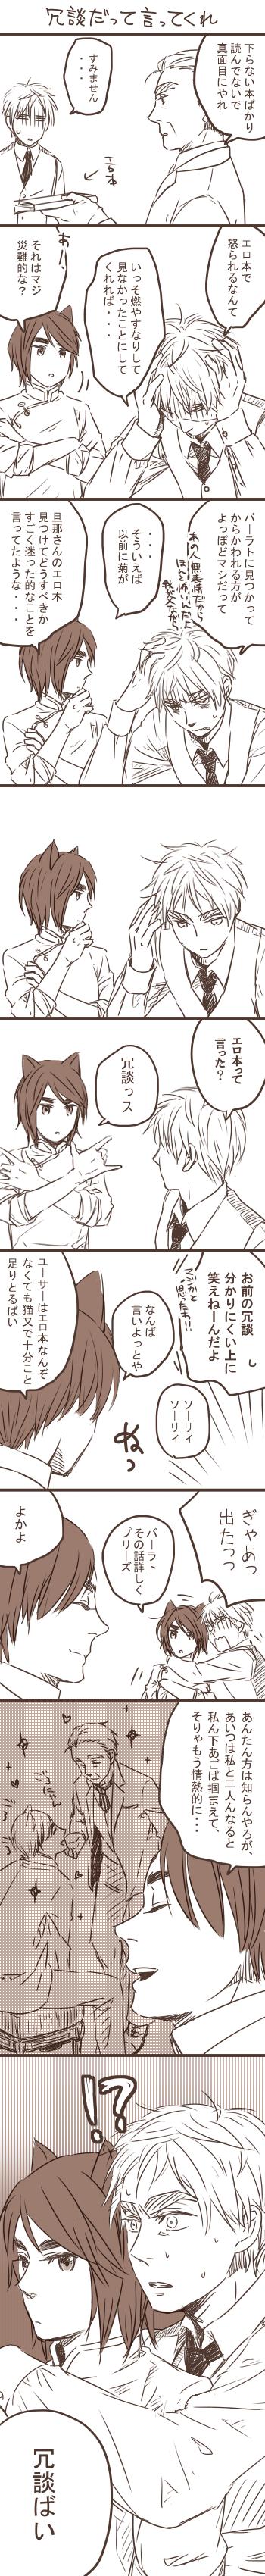 猫_冗談1